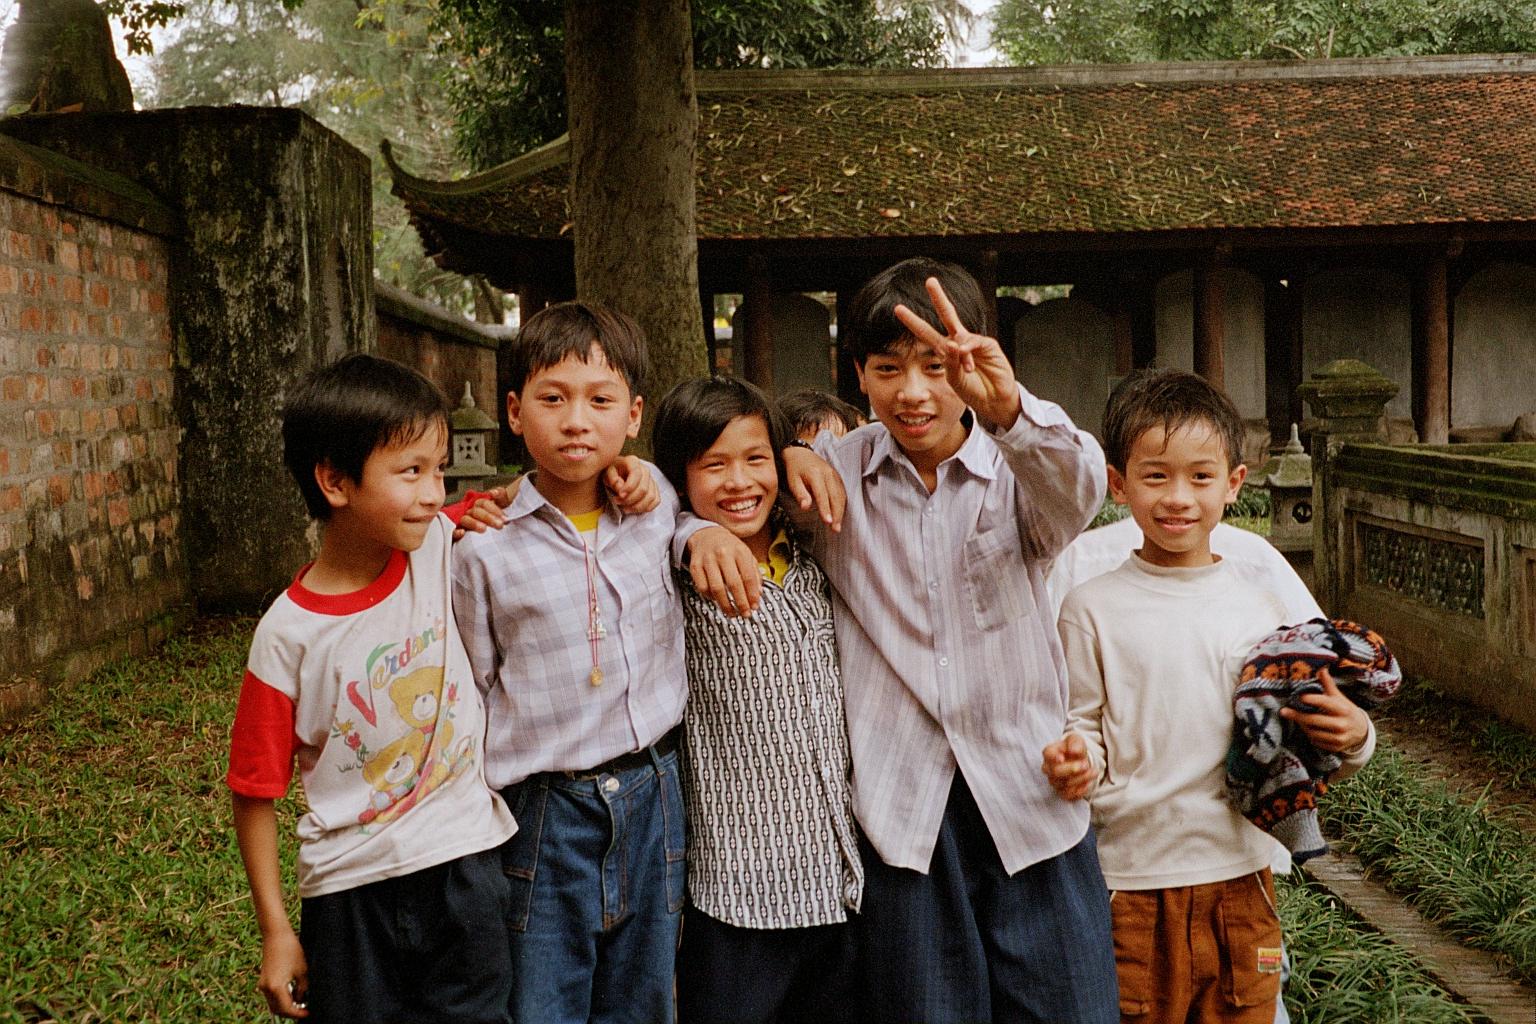 Https Commons Wikimedia Org Wiki File Children Hanoi Vietnam Jpg